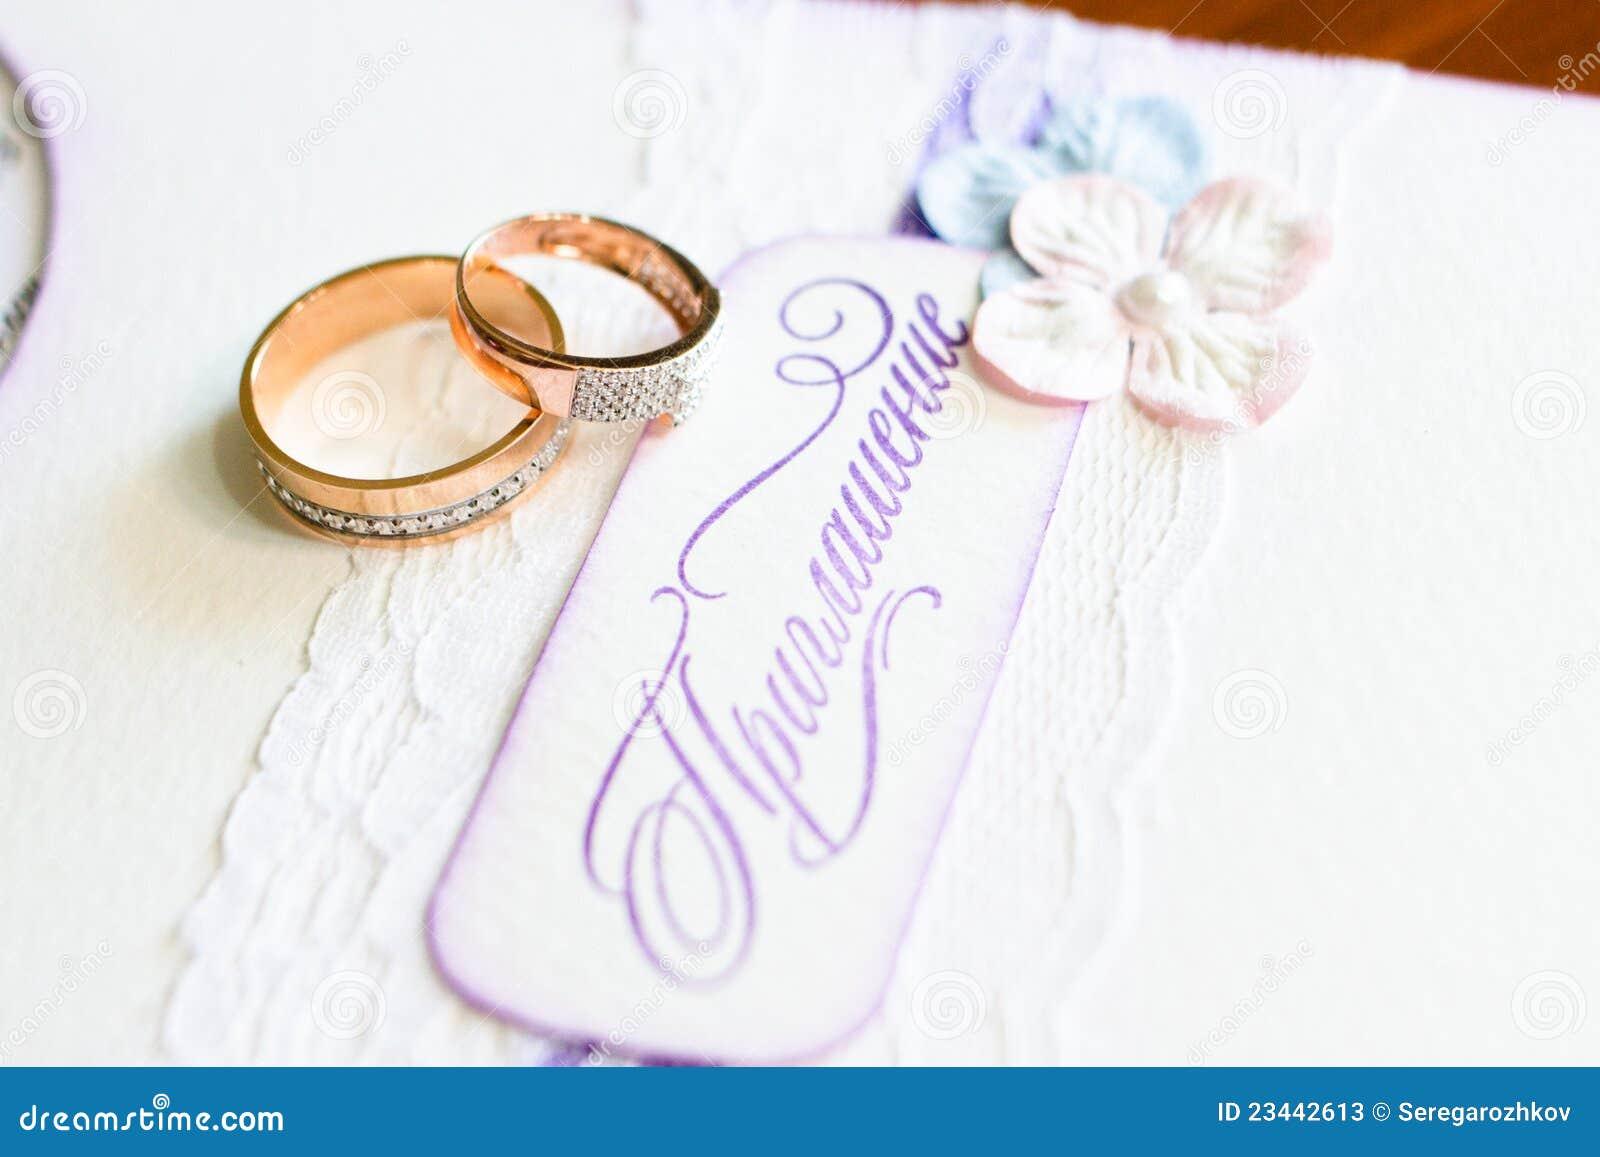 Hochzeitsringe Und Eine Einladung Stockbild Bild Von Hochzeit